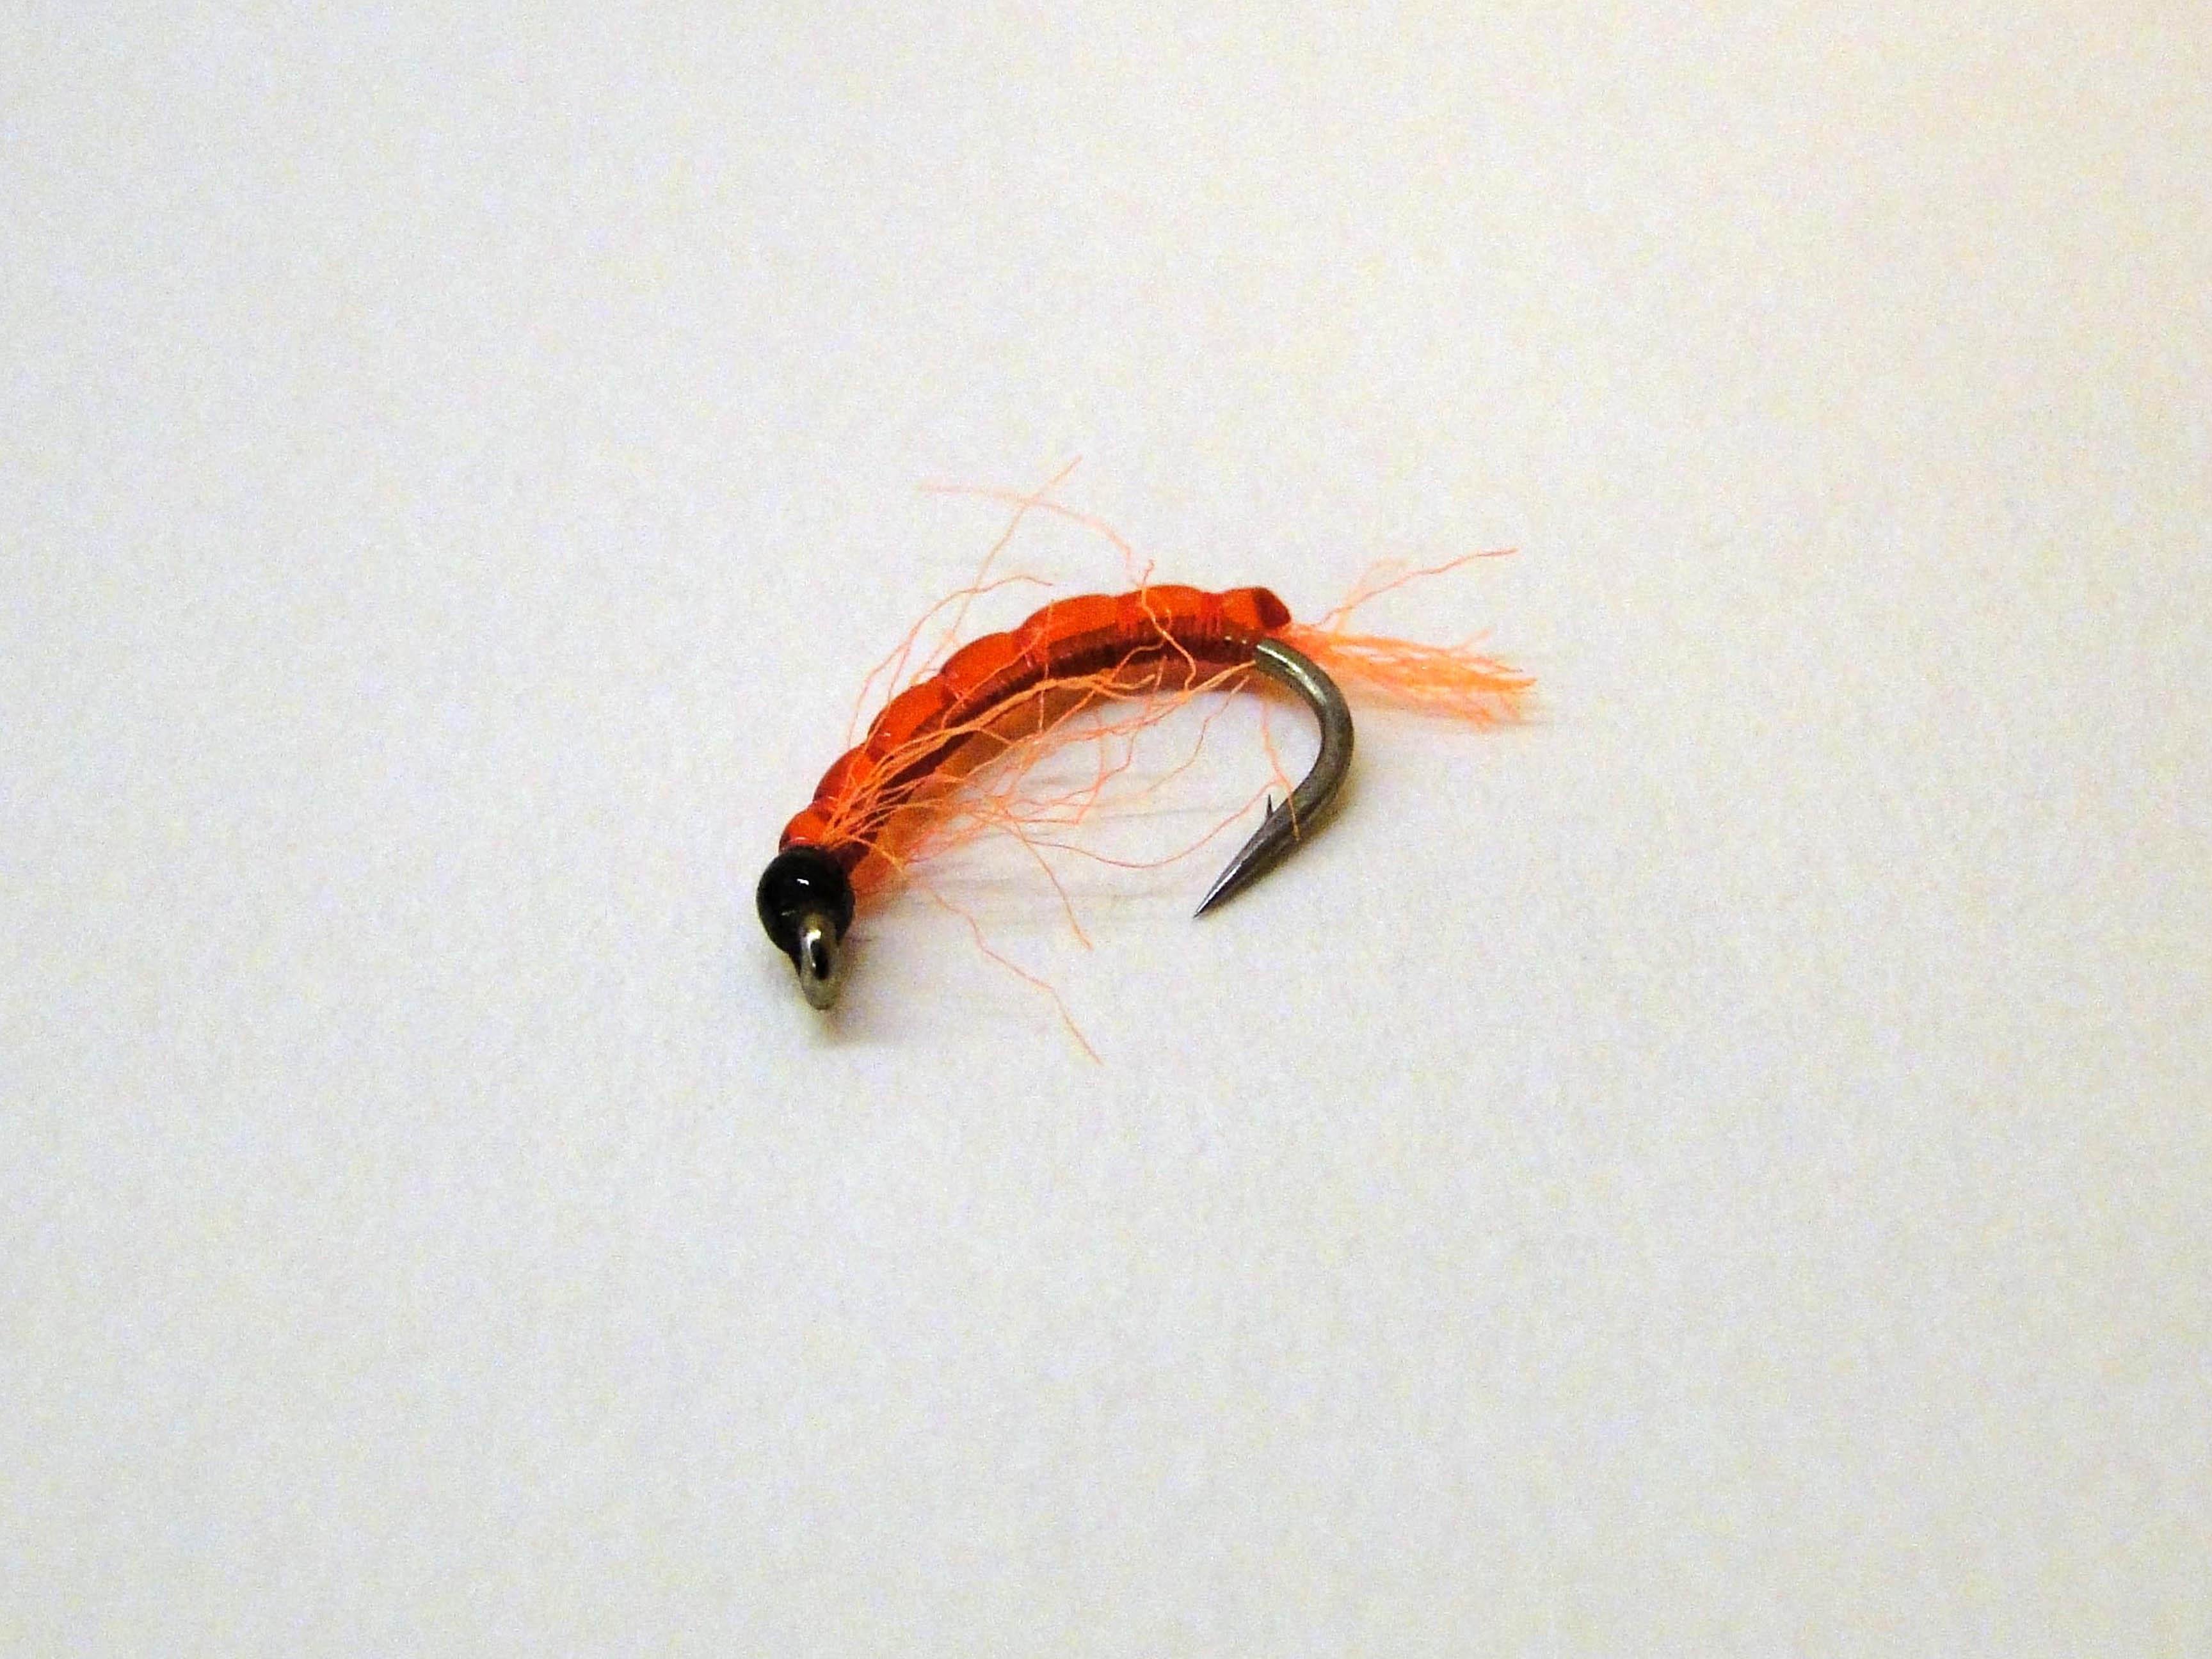 мотыль для рыбалки это личинка кого